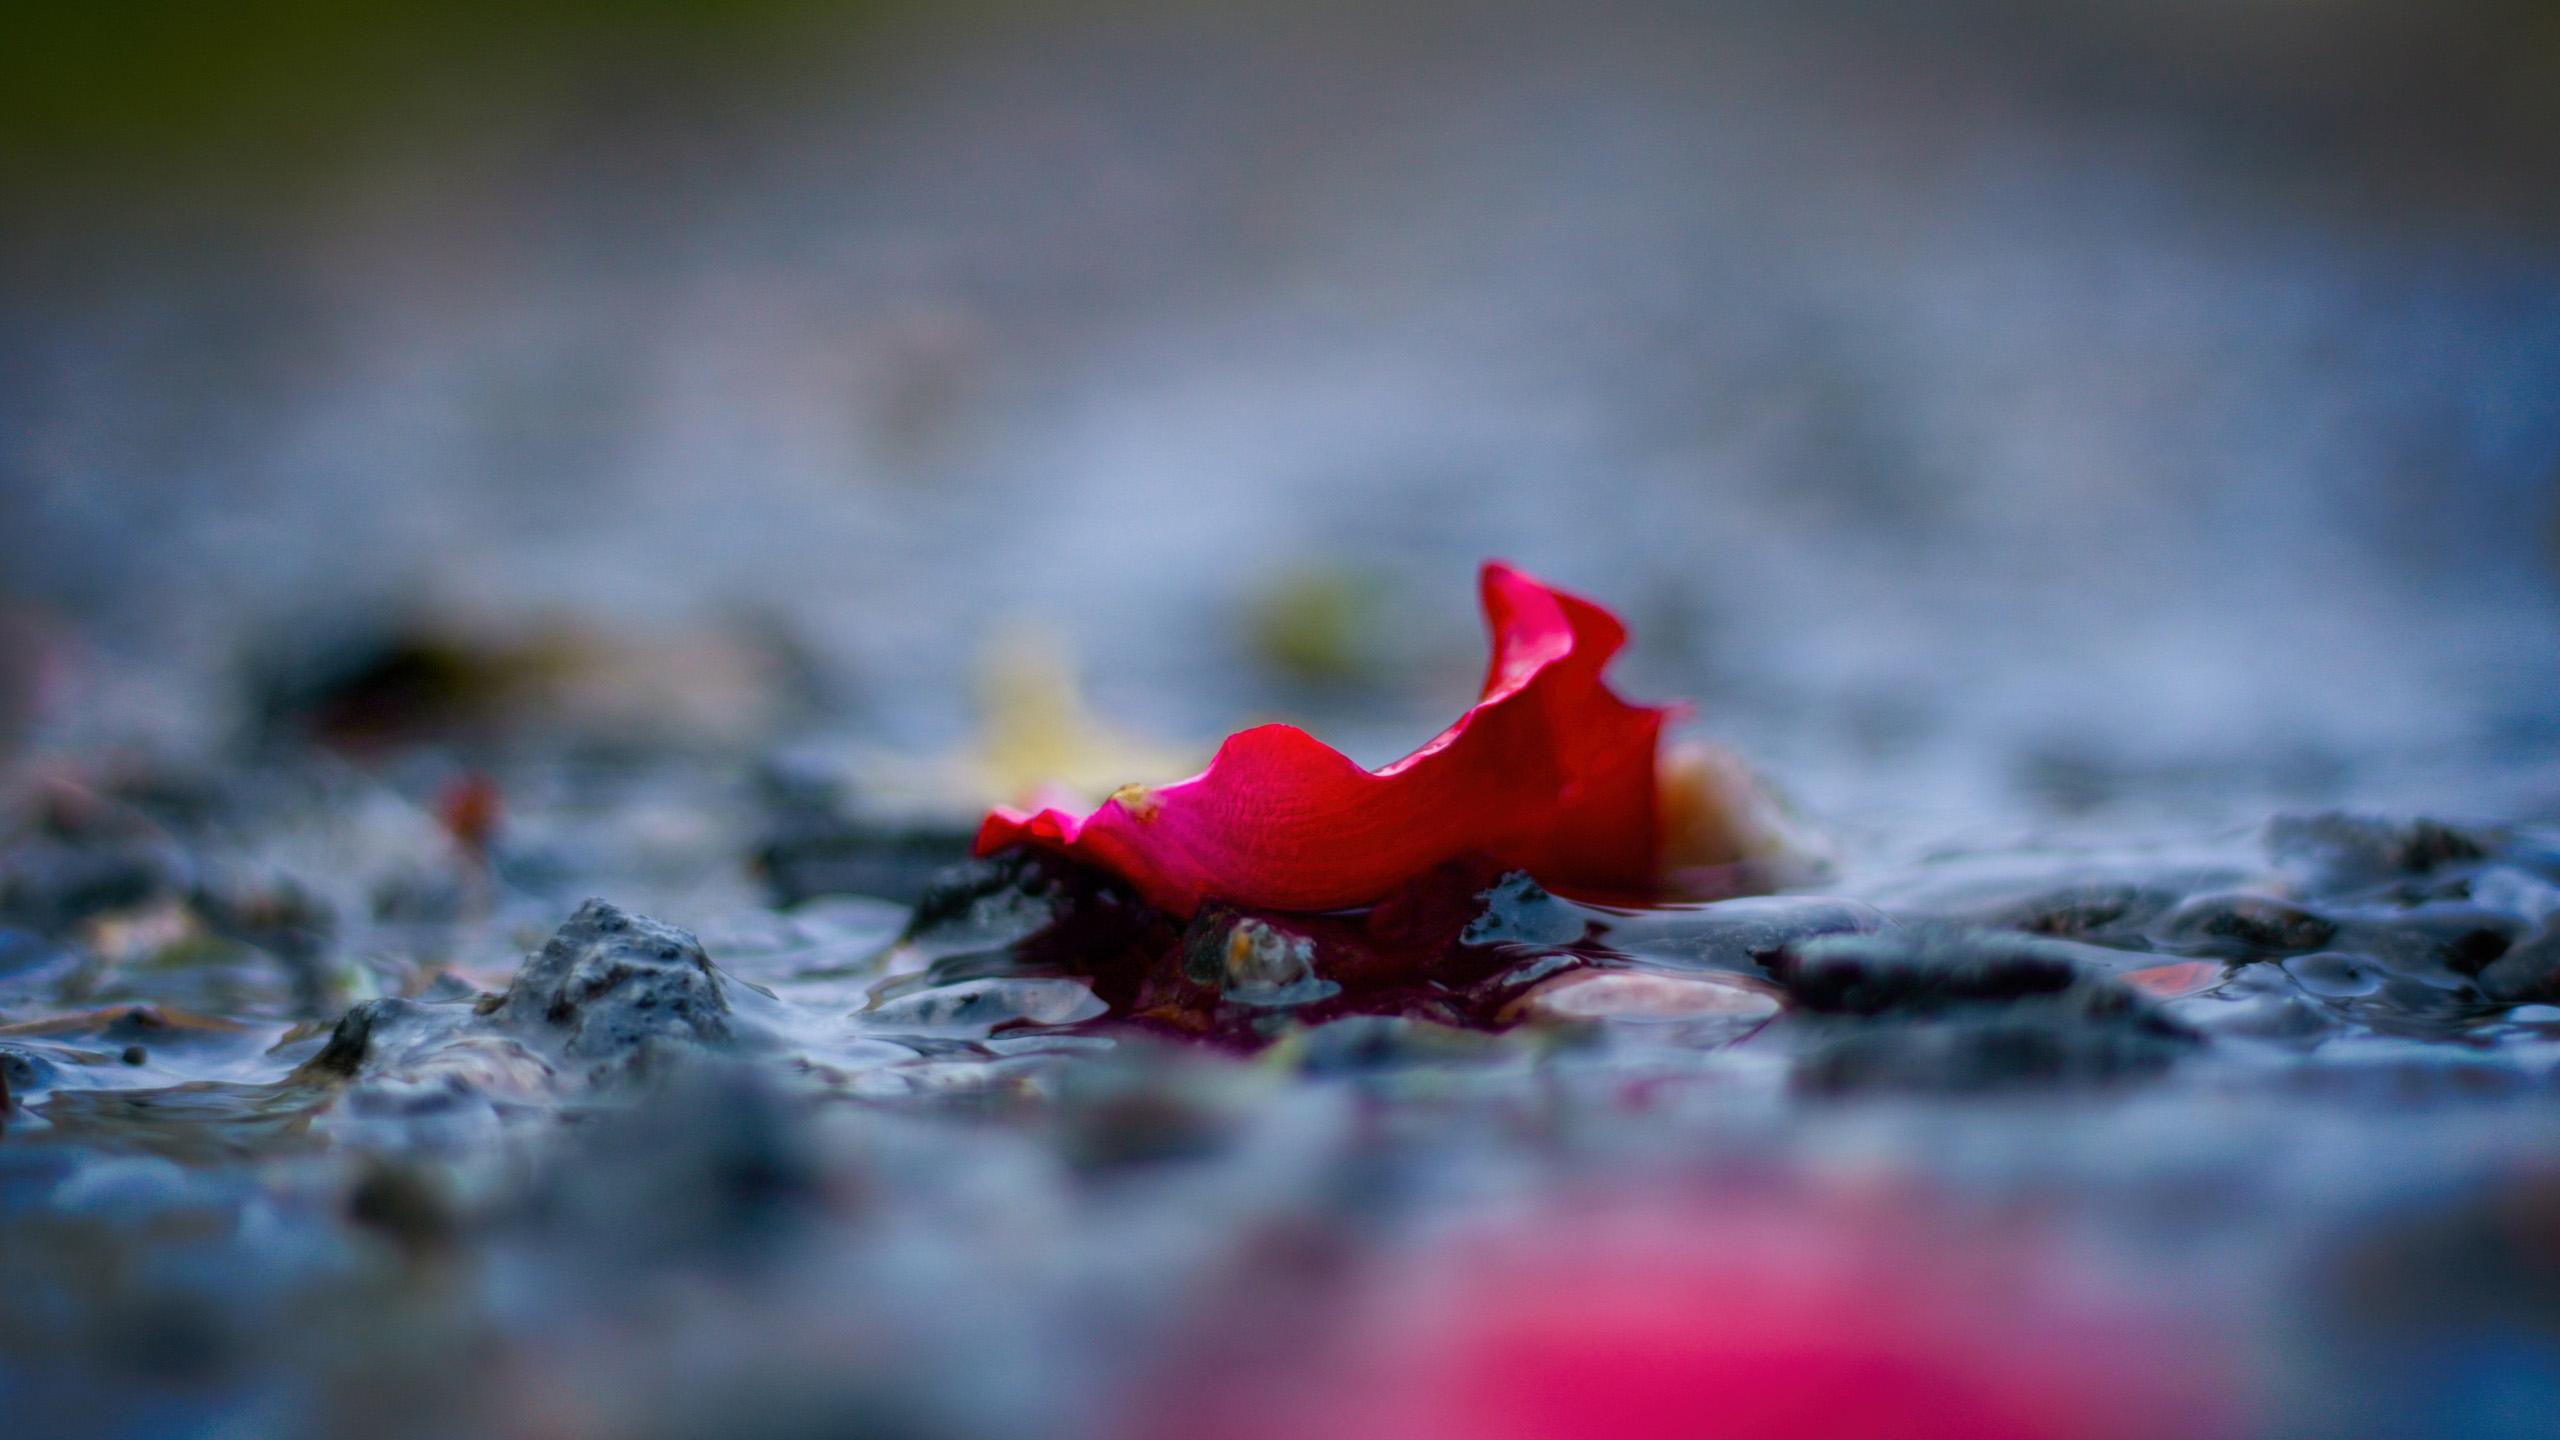 小清新,静物写真,花瓣,玫瑰,落花